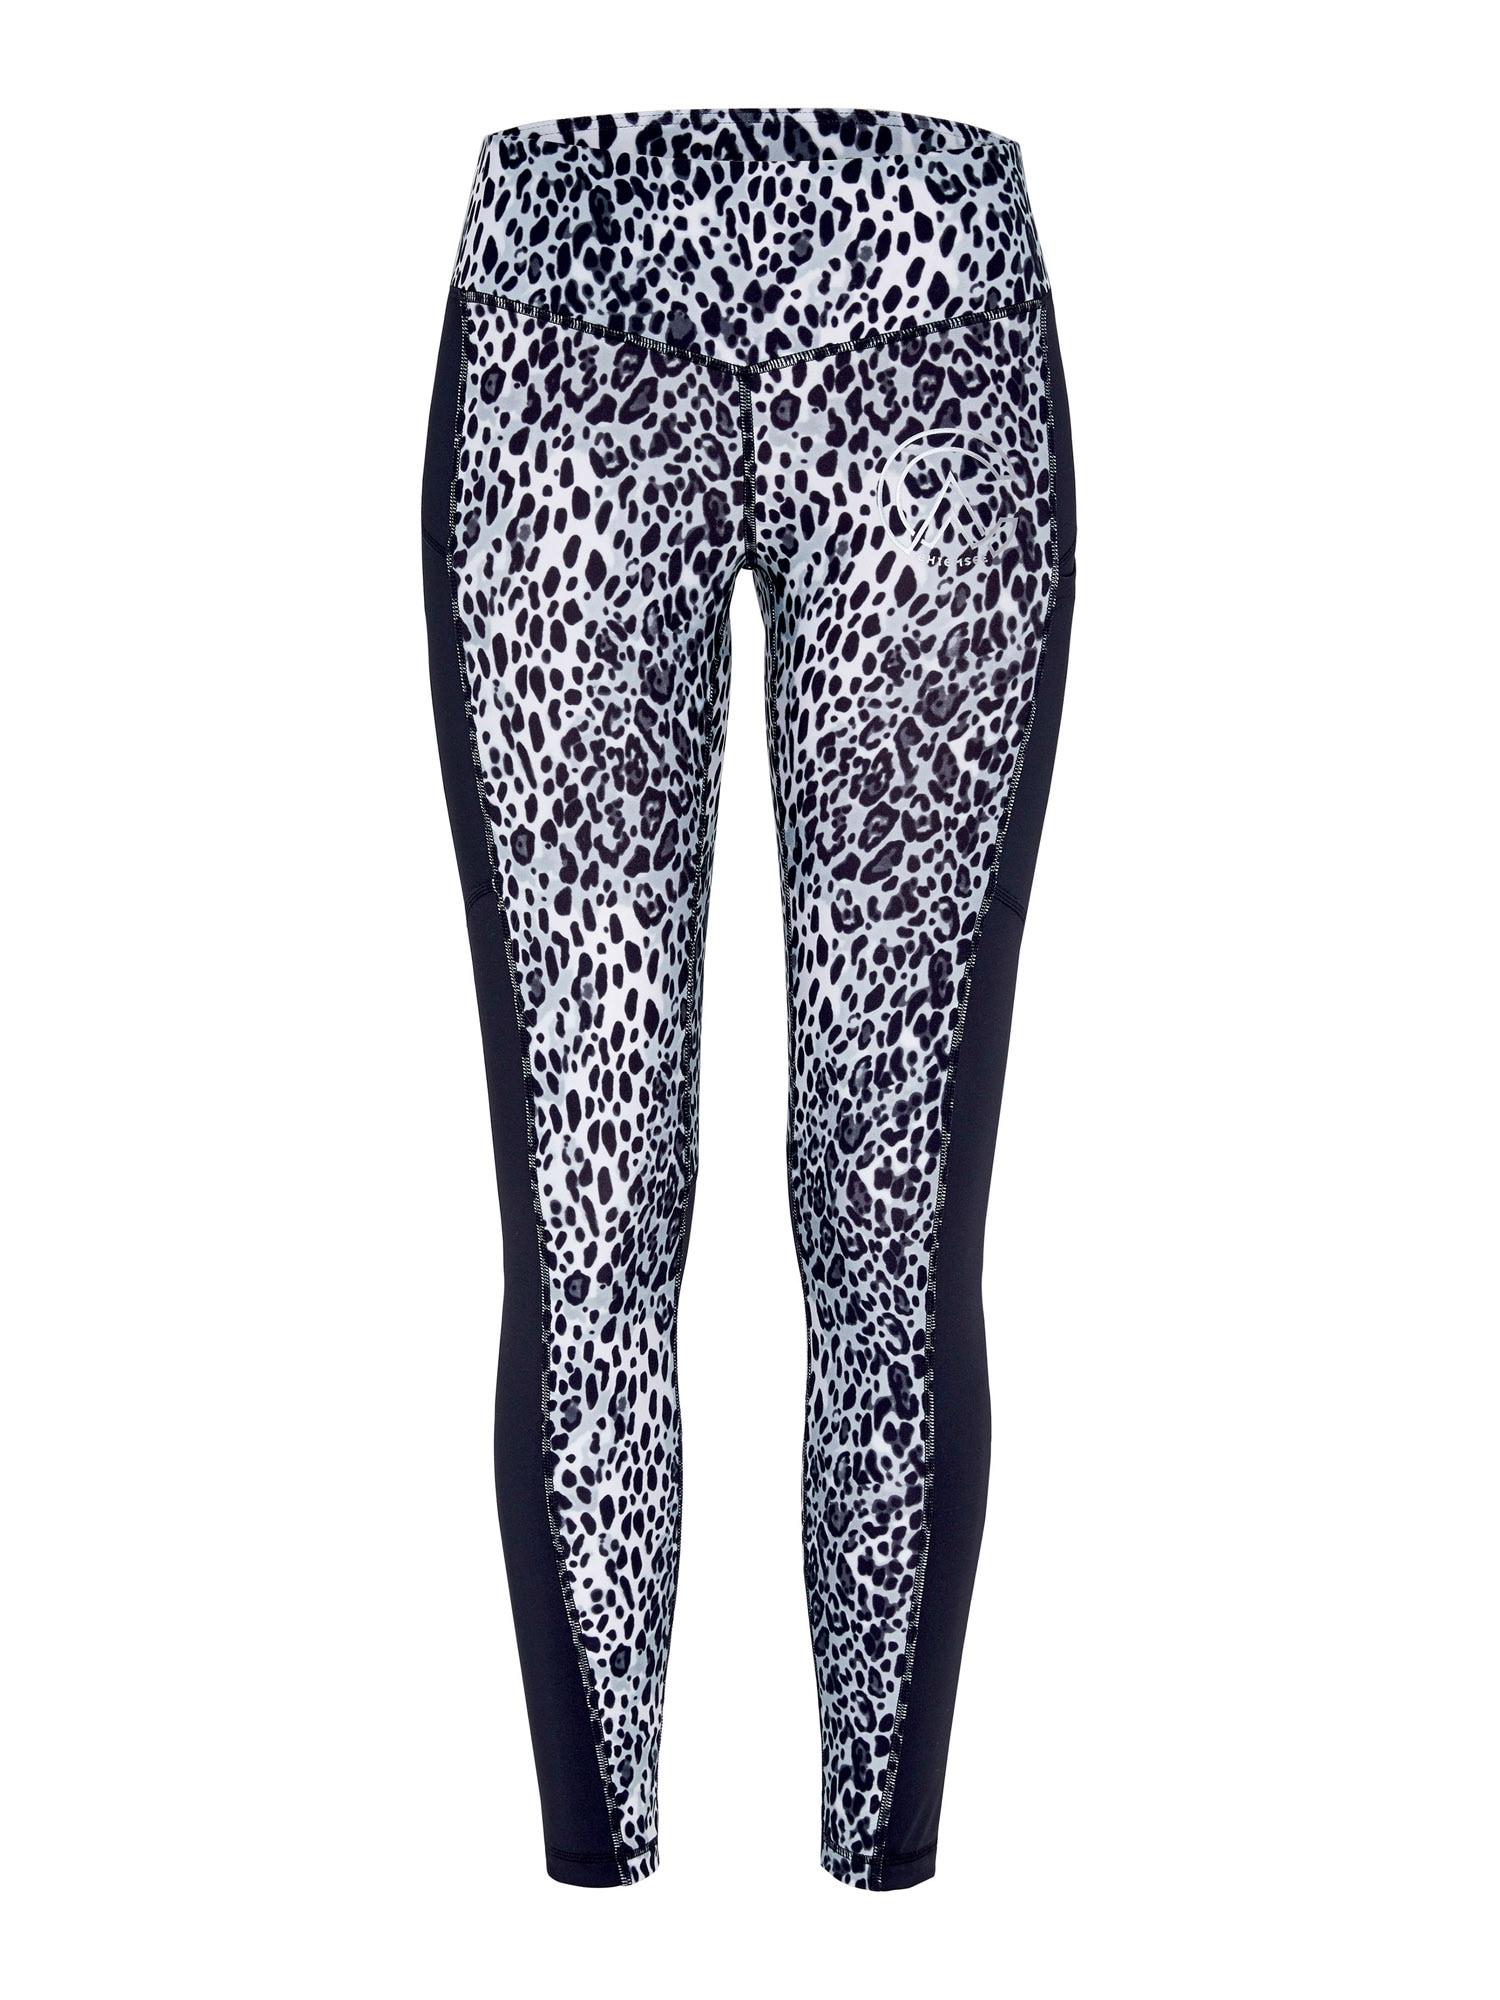 CHIEMSEE Sportovní kalhoty 'Dania Pier'  černá / světle šedá